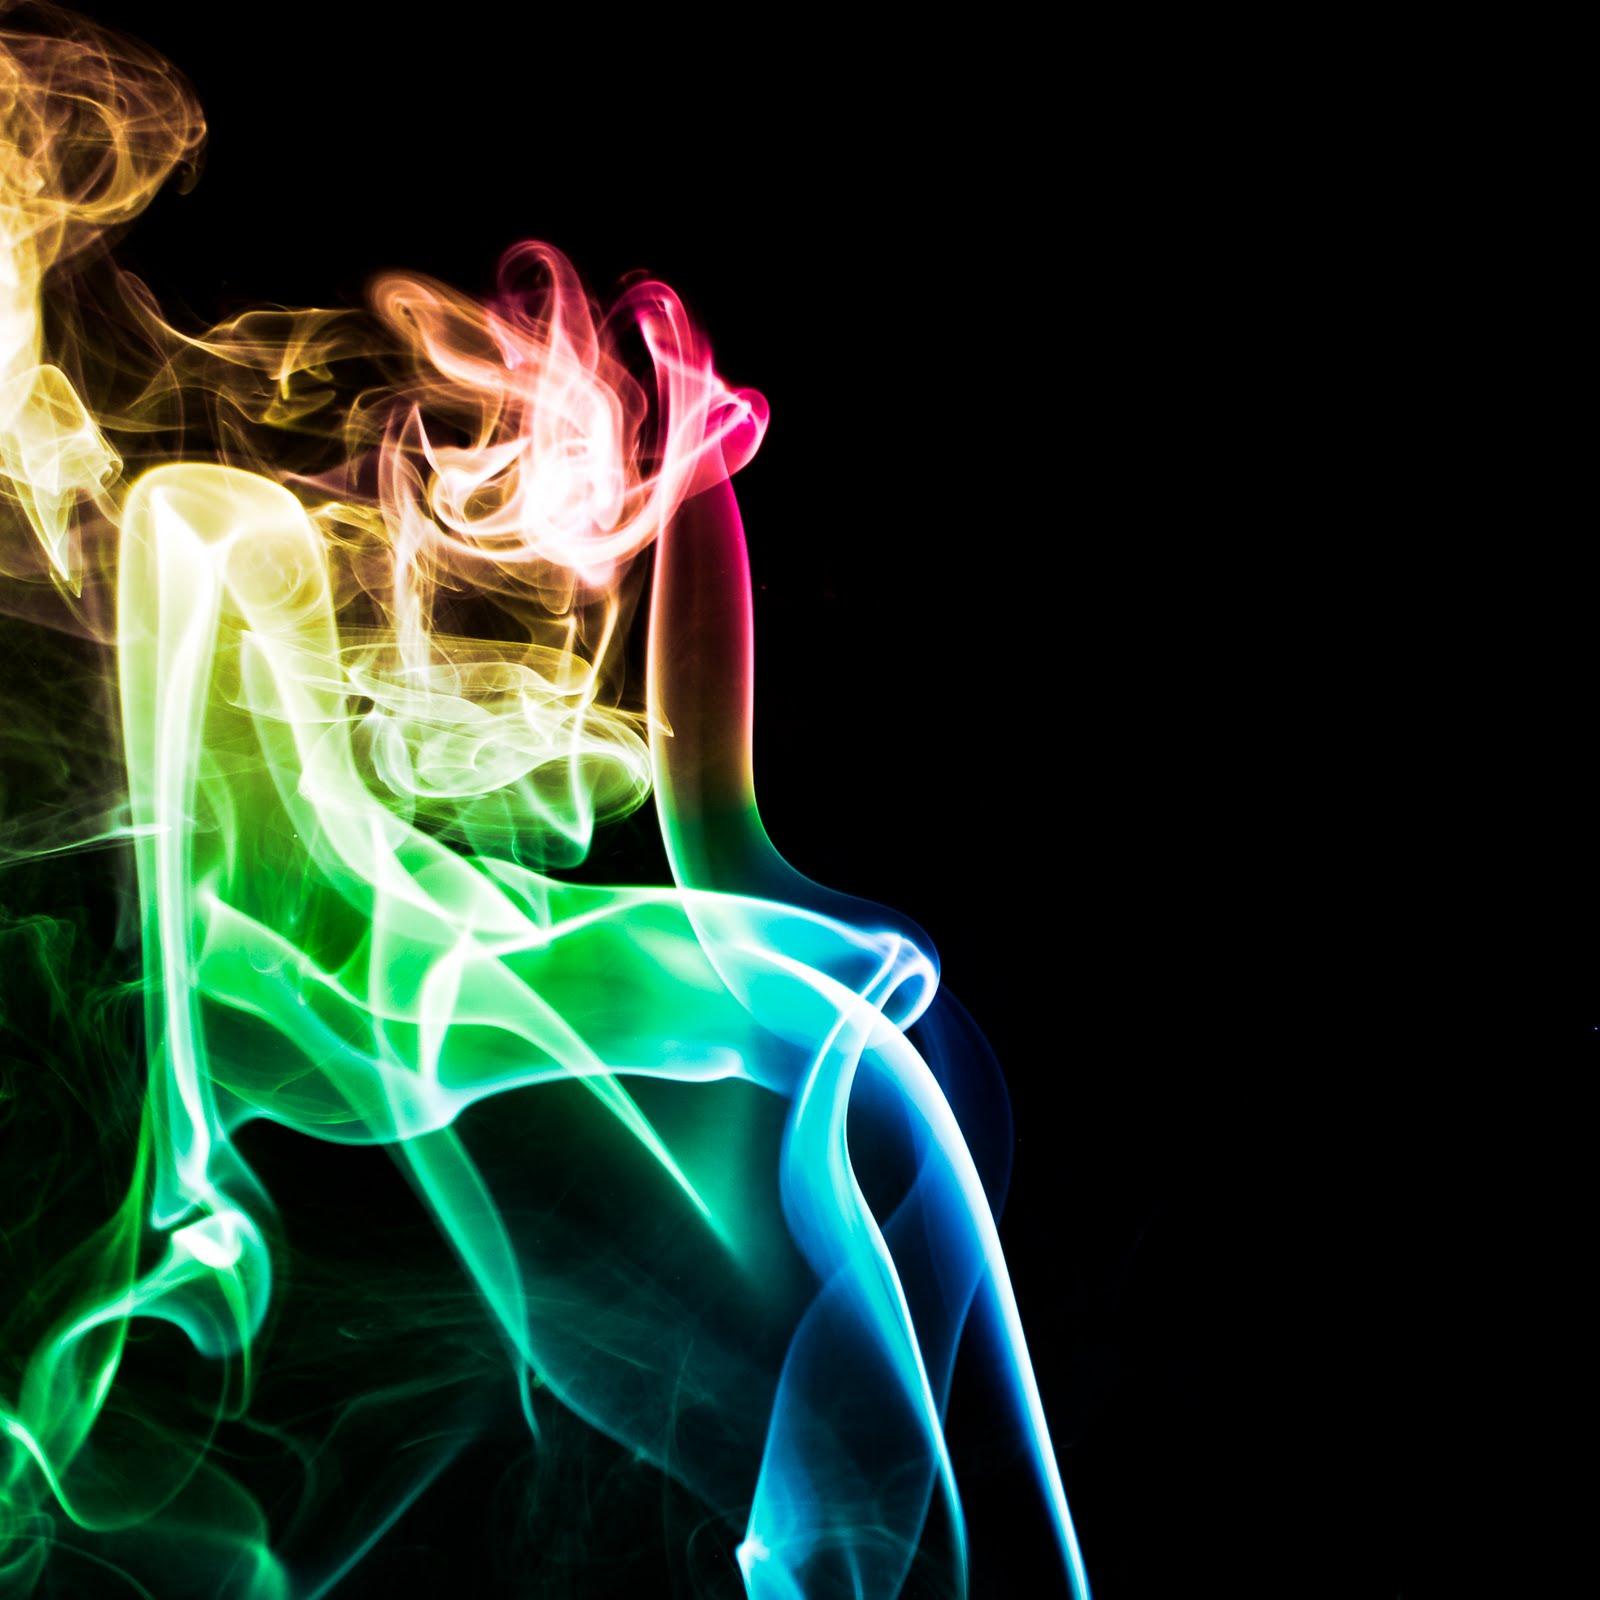 smoke | Danielle Kay Riendeau